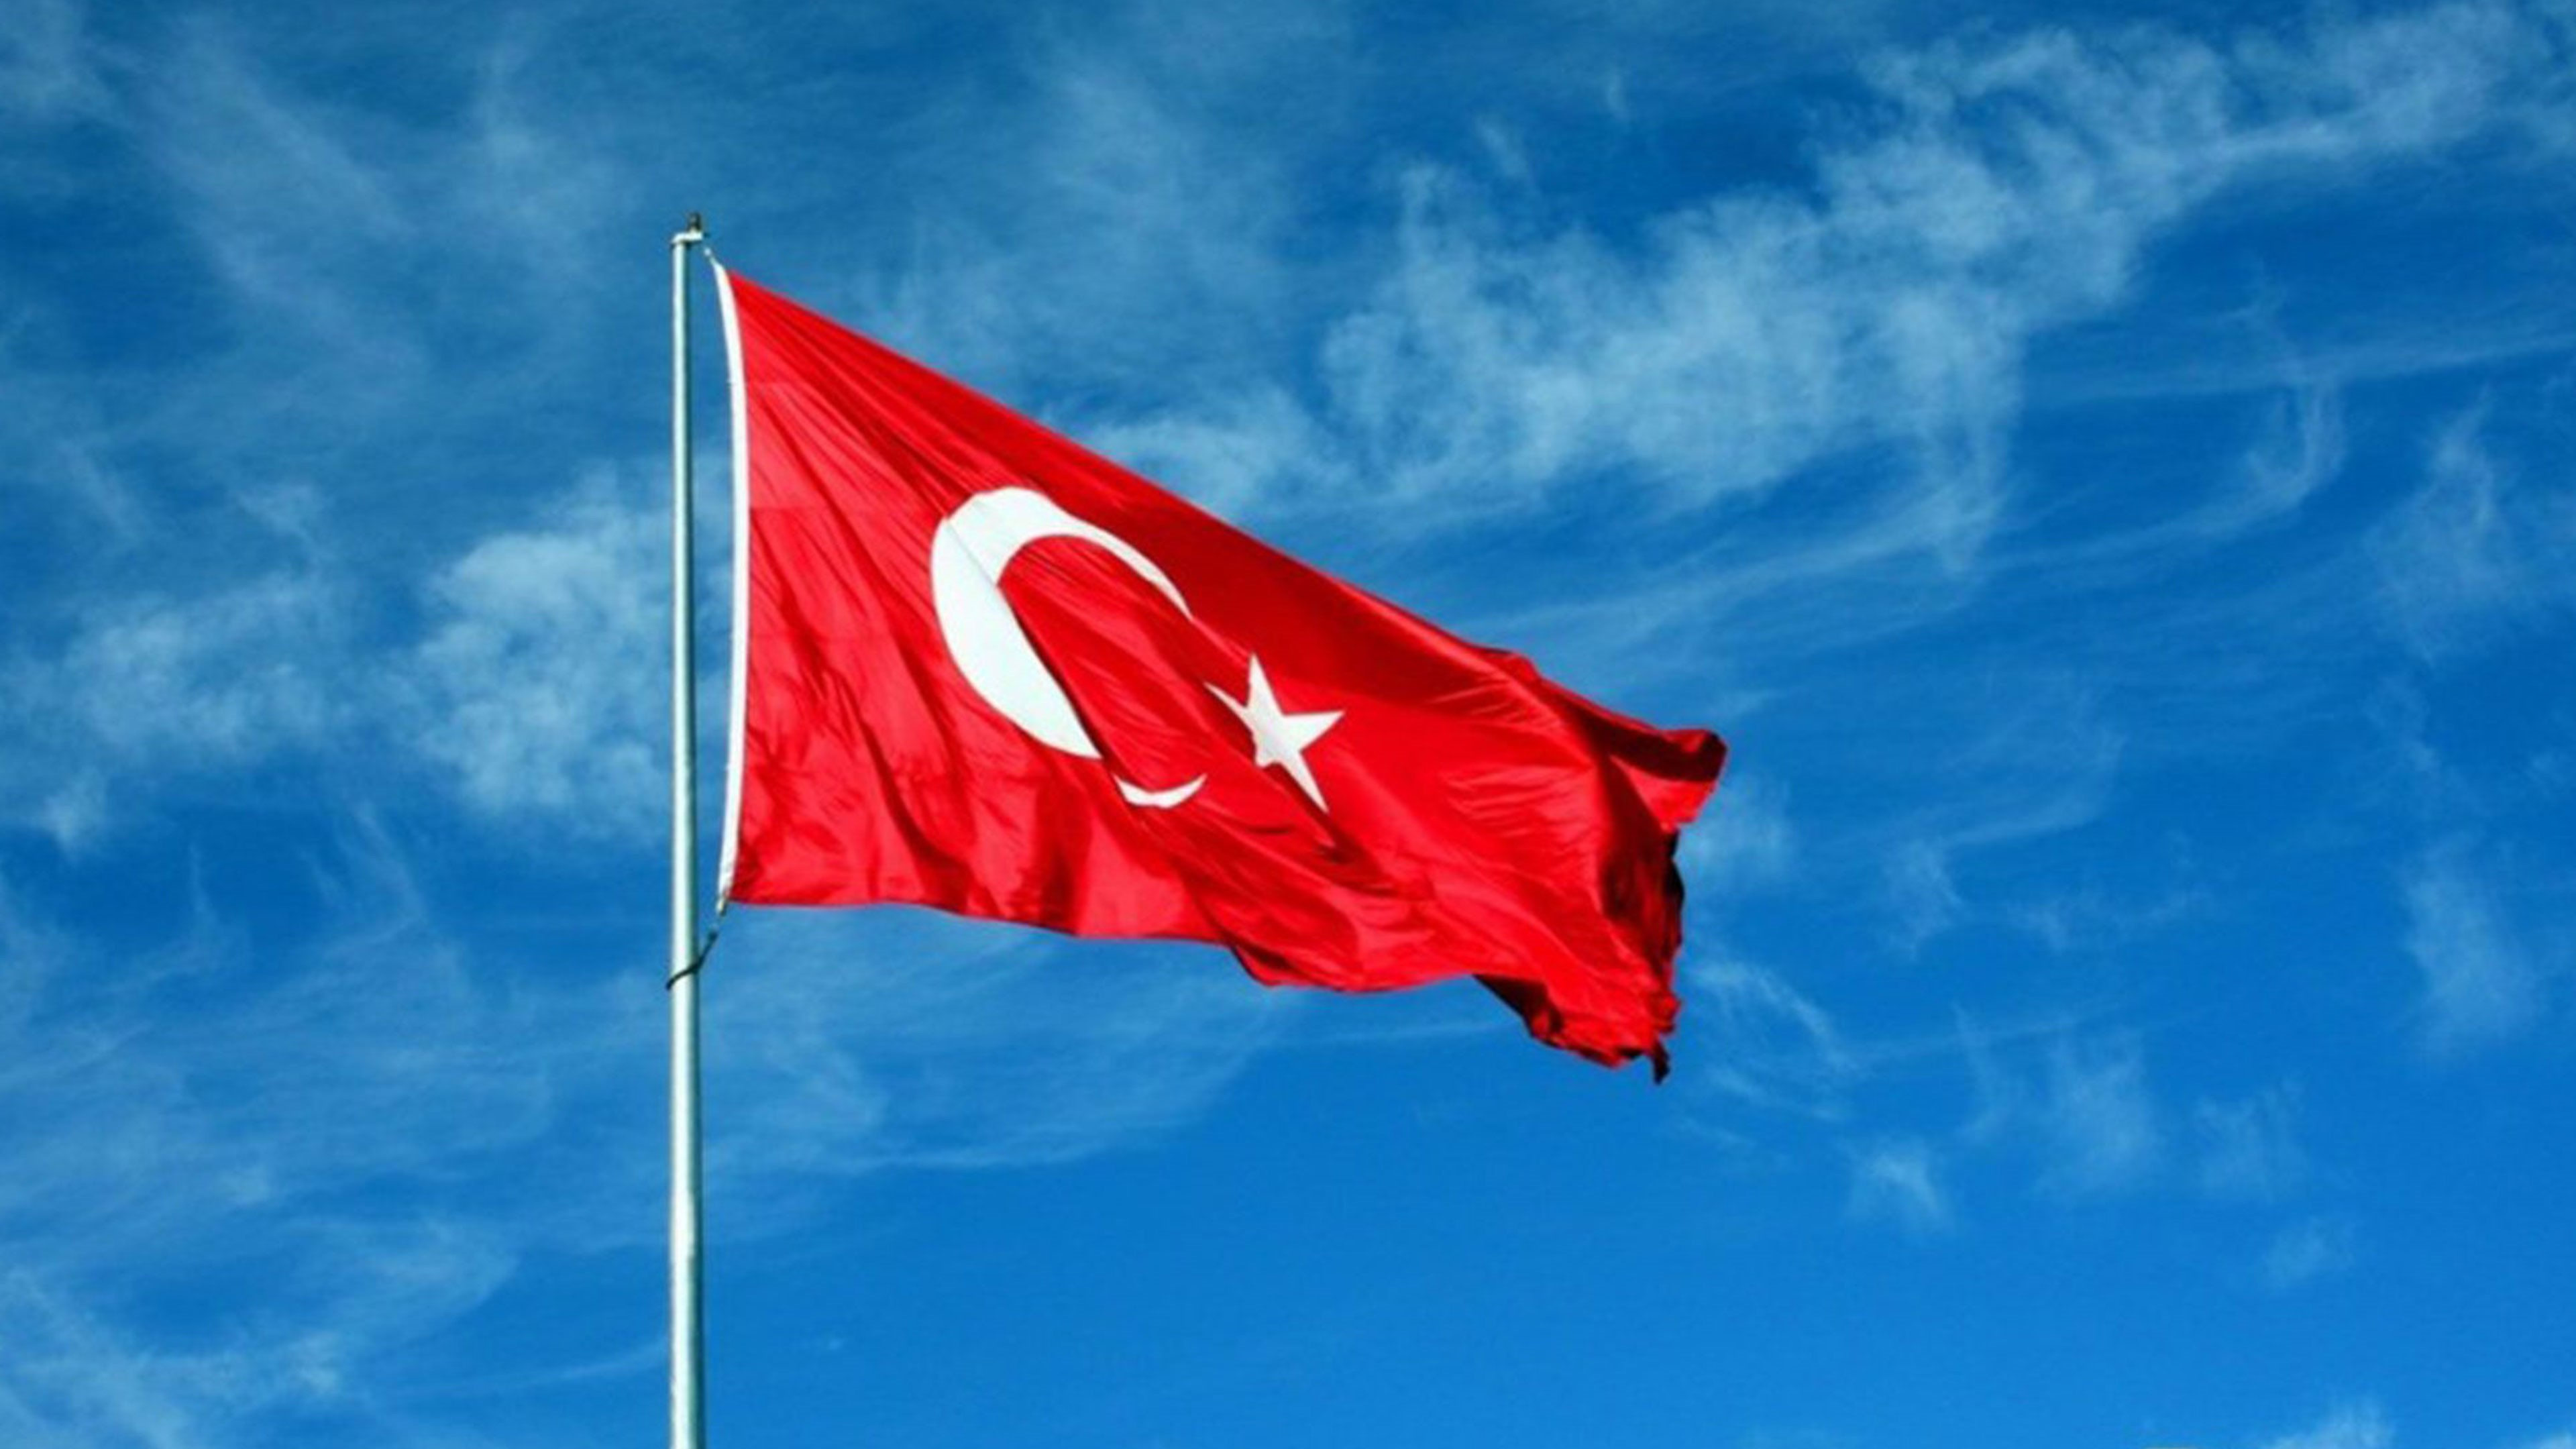 Türk Bayrağı 8k resimleri